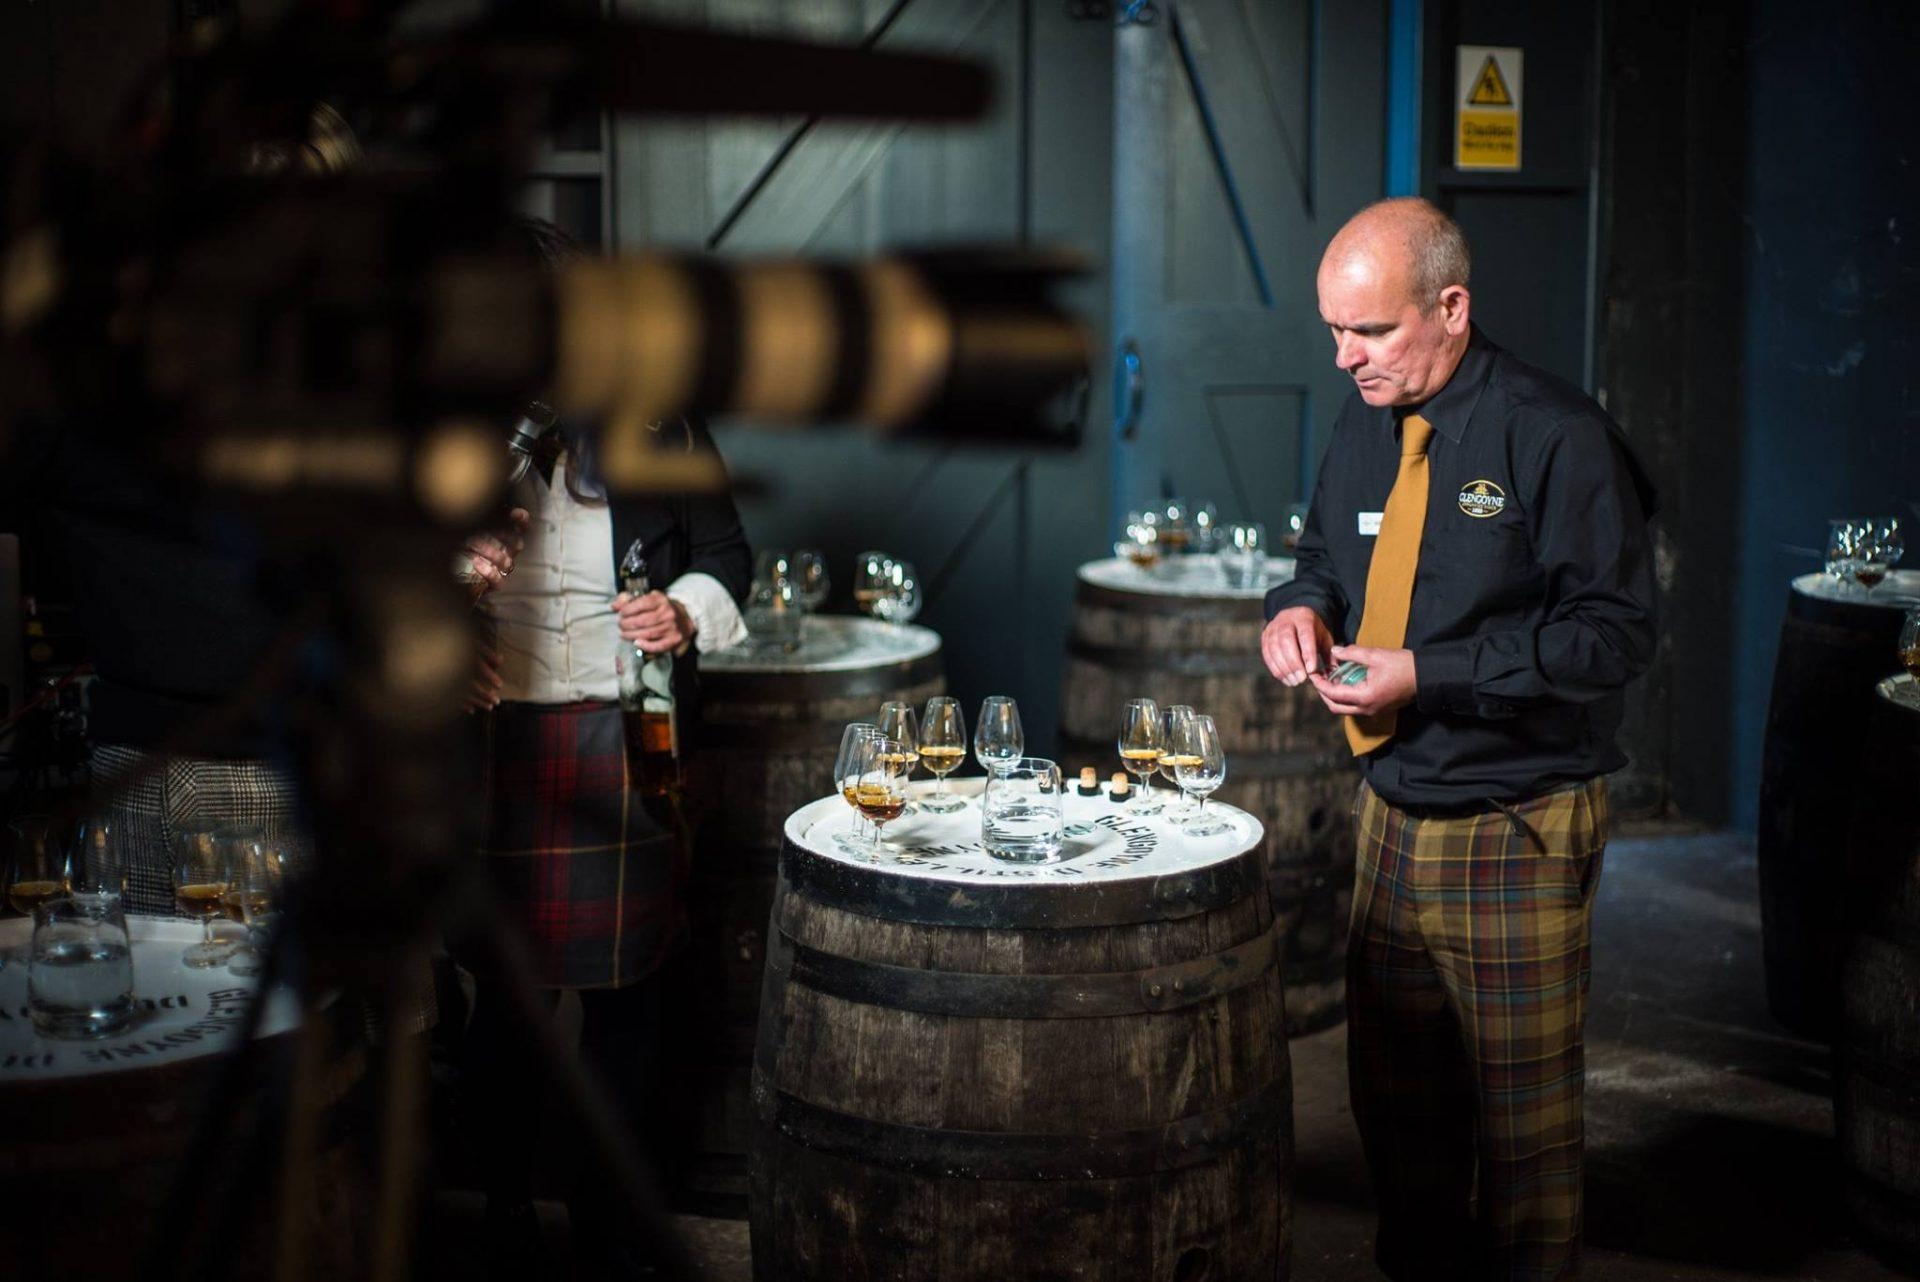 İskoçya: Arpa, Buğday ve Çavdar'ın Malt Viskiye dönüşüm yolculuğu